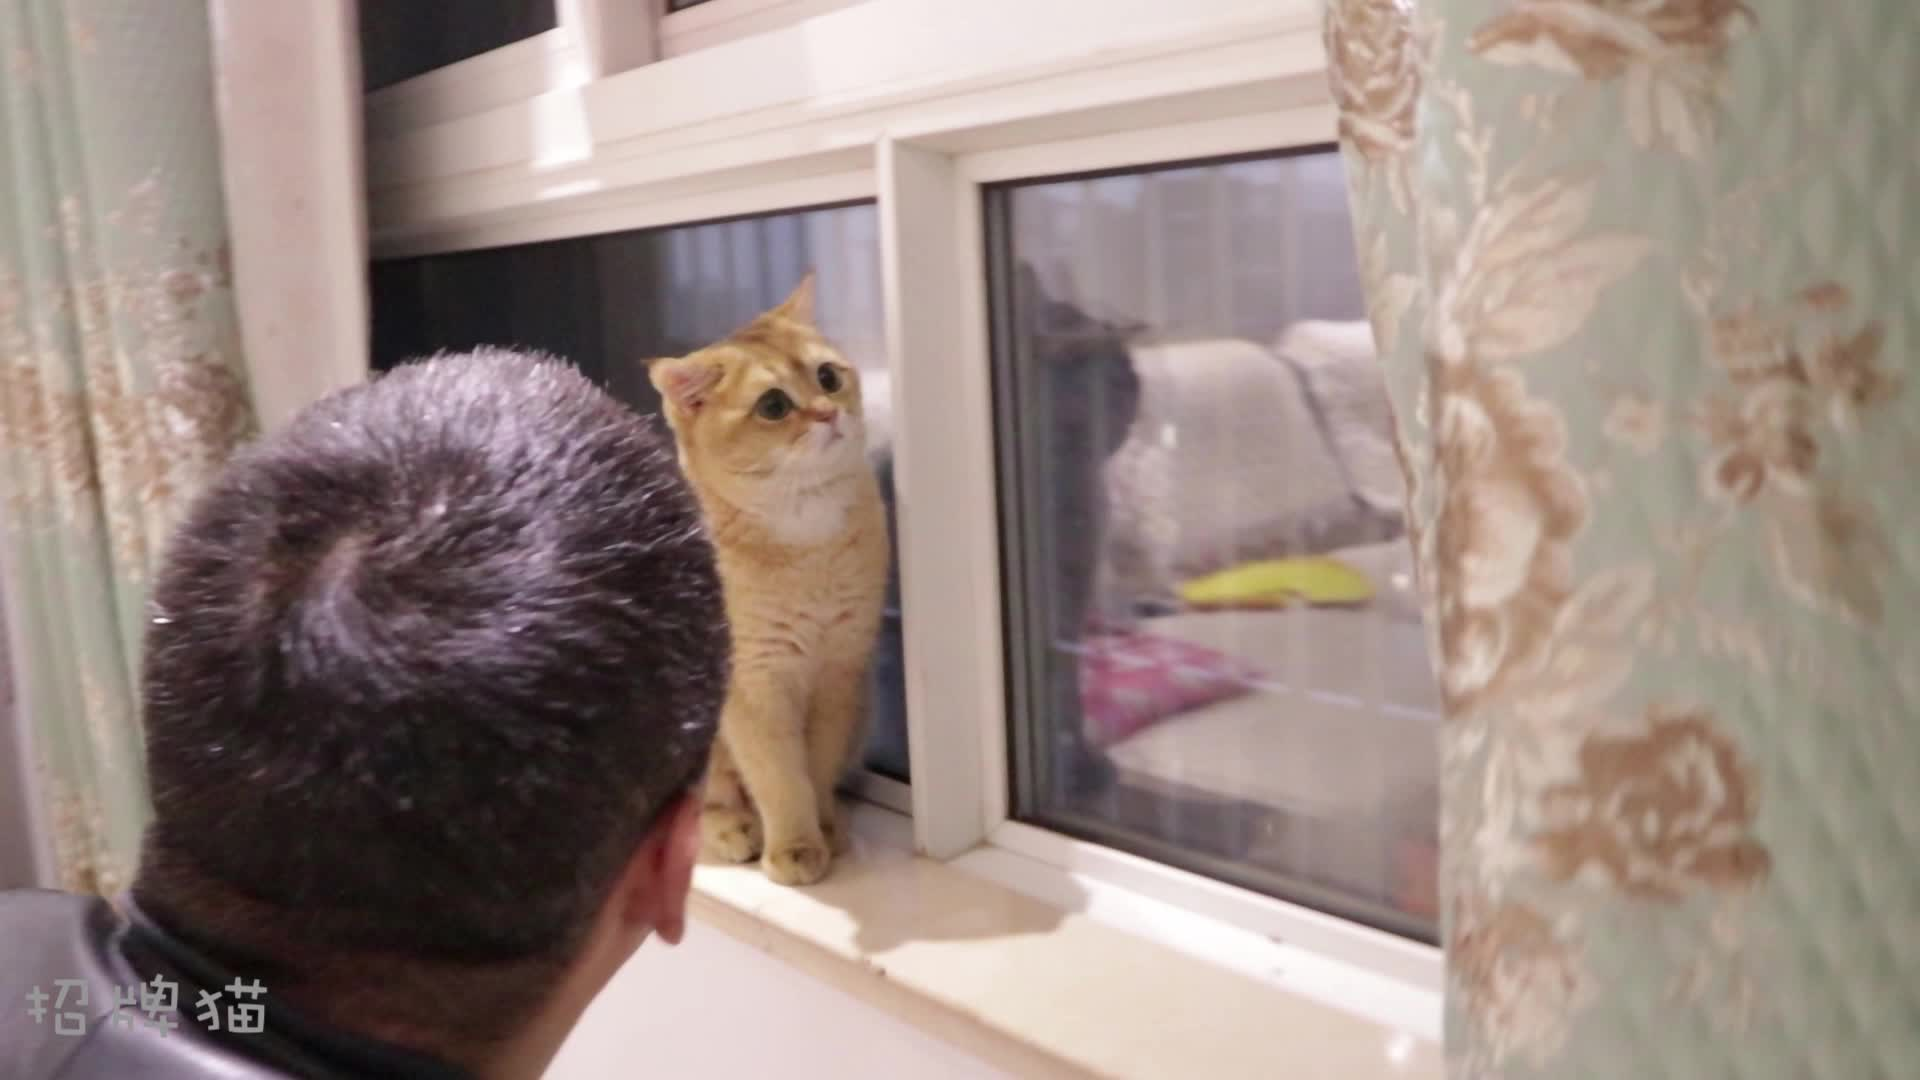 我爸试图用猫语和猫对话,猫:你说的是什么鸟语?